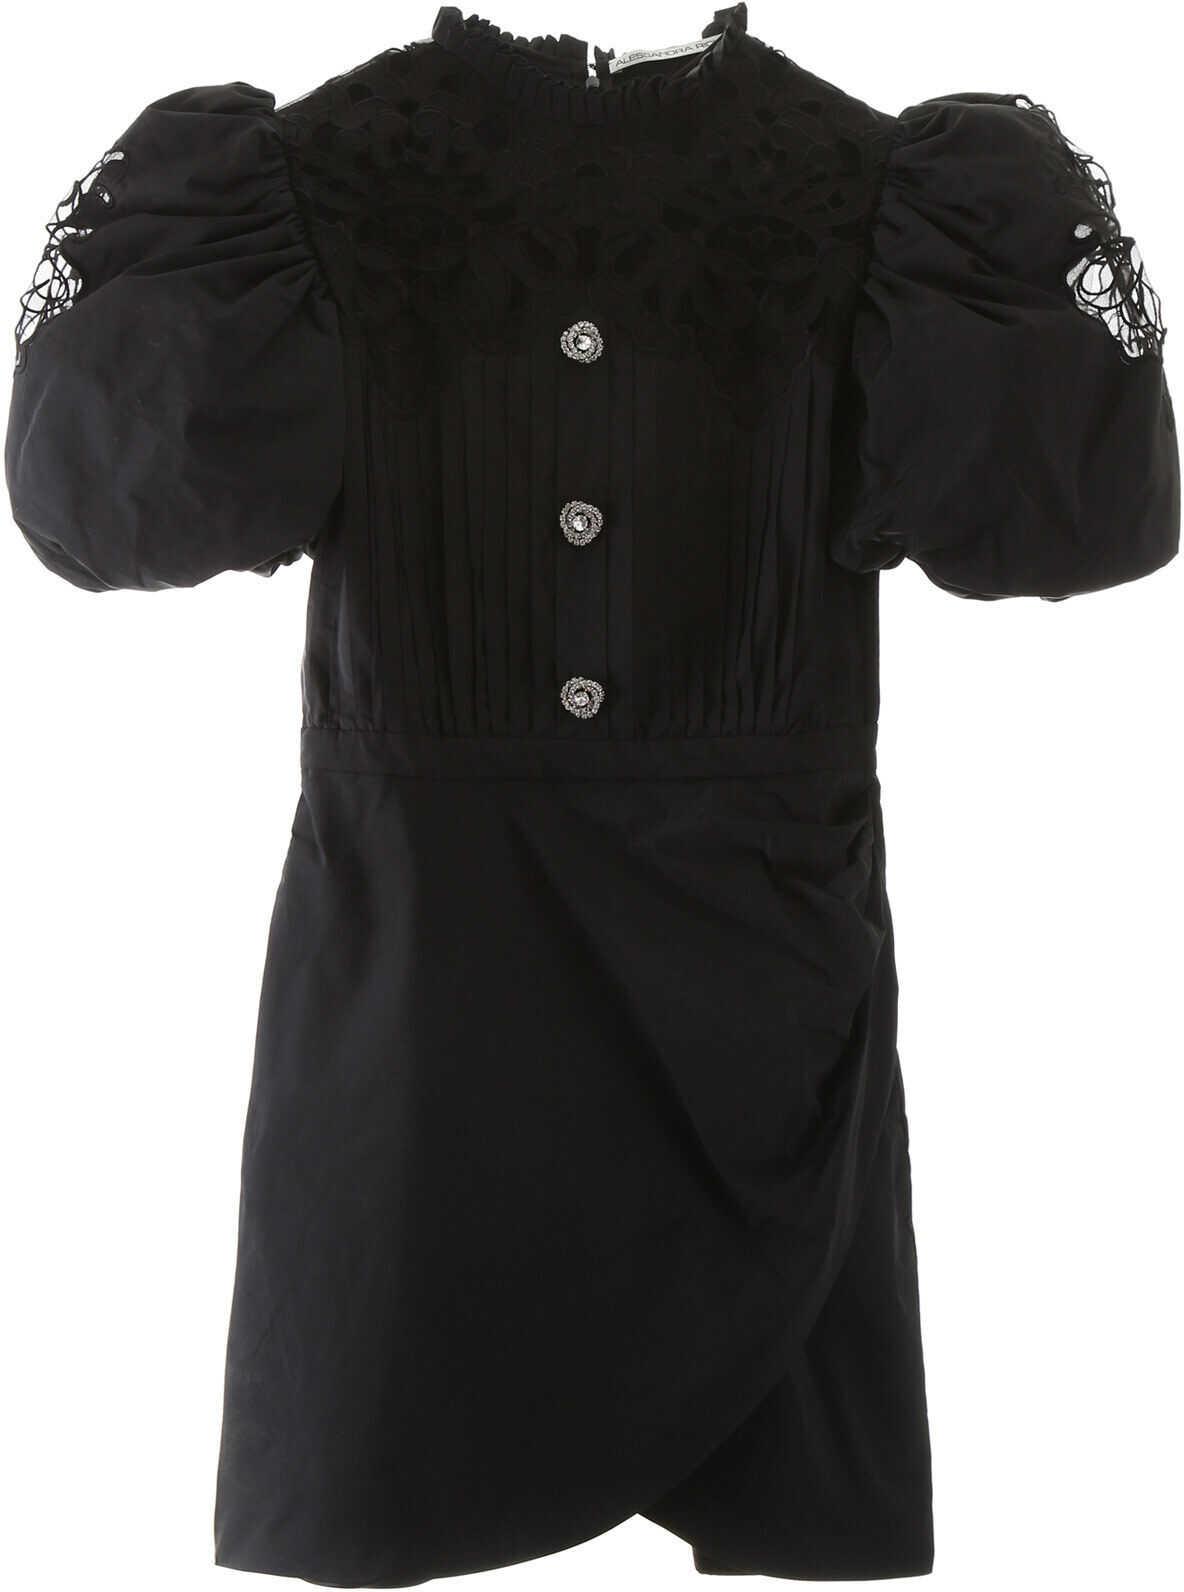 Alessandra Rich Taffeta Mini Dress With Lace BLACK